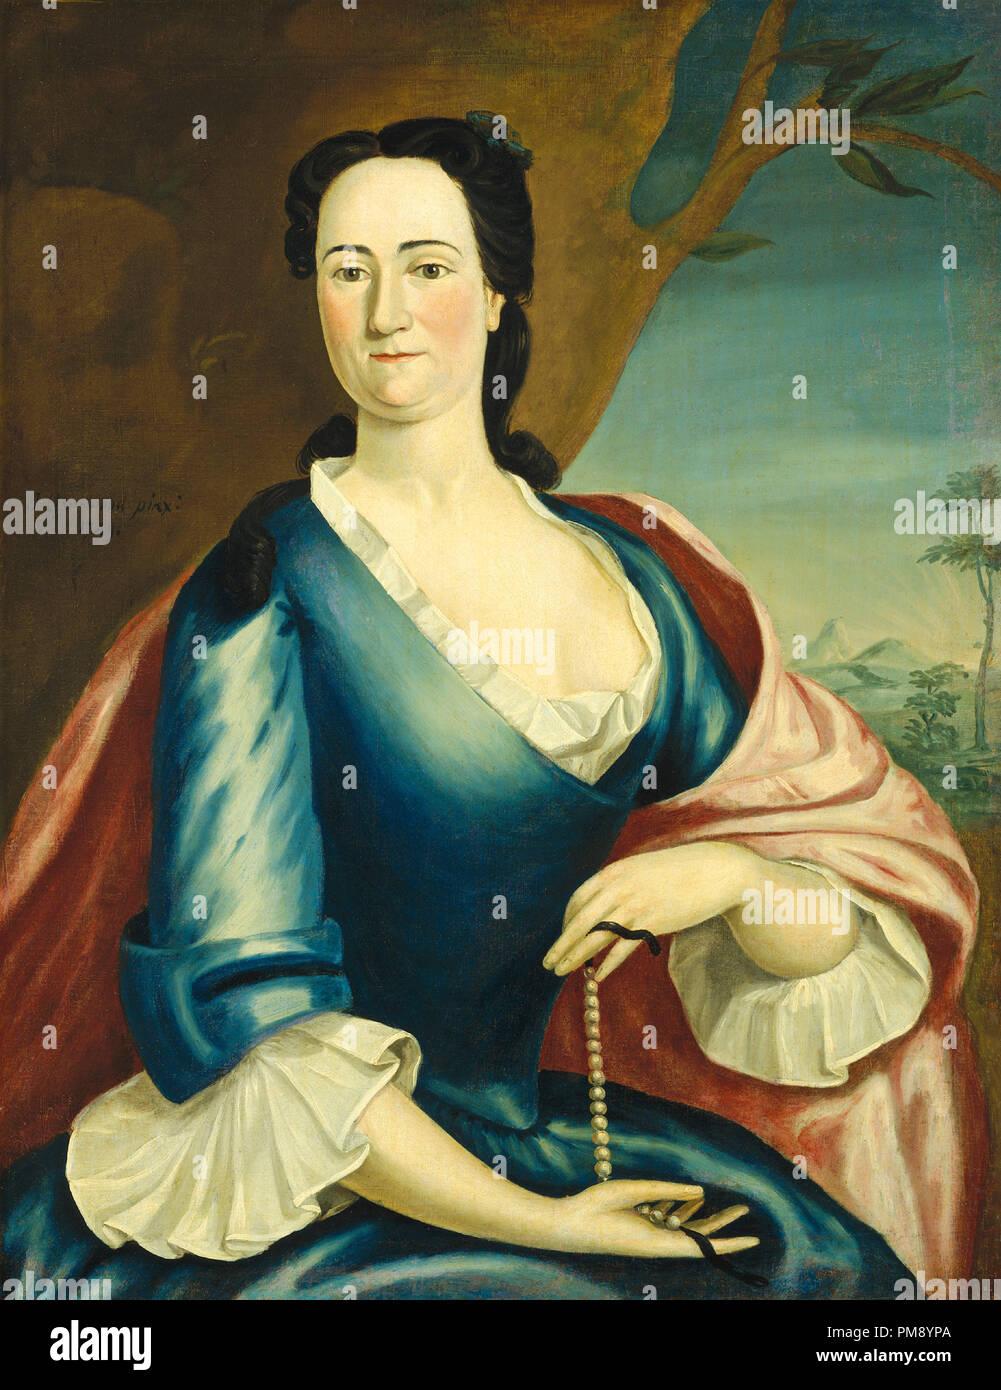 Elizabeth Fulford gallese. Data: 1749. Dimensioni: complessivo: 91,4 x 71,1 cm (36 x 28 in.) incorniciato: 106,7 x 86,3 x 5 cm (42 x 34 x 1 15/16 in.). Medium: olio su tela. Museo: National Gallery of Art di Washington DC. Autore: John Greenwood. Immagini Stock